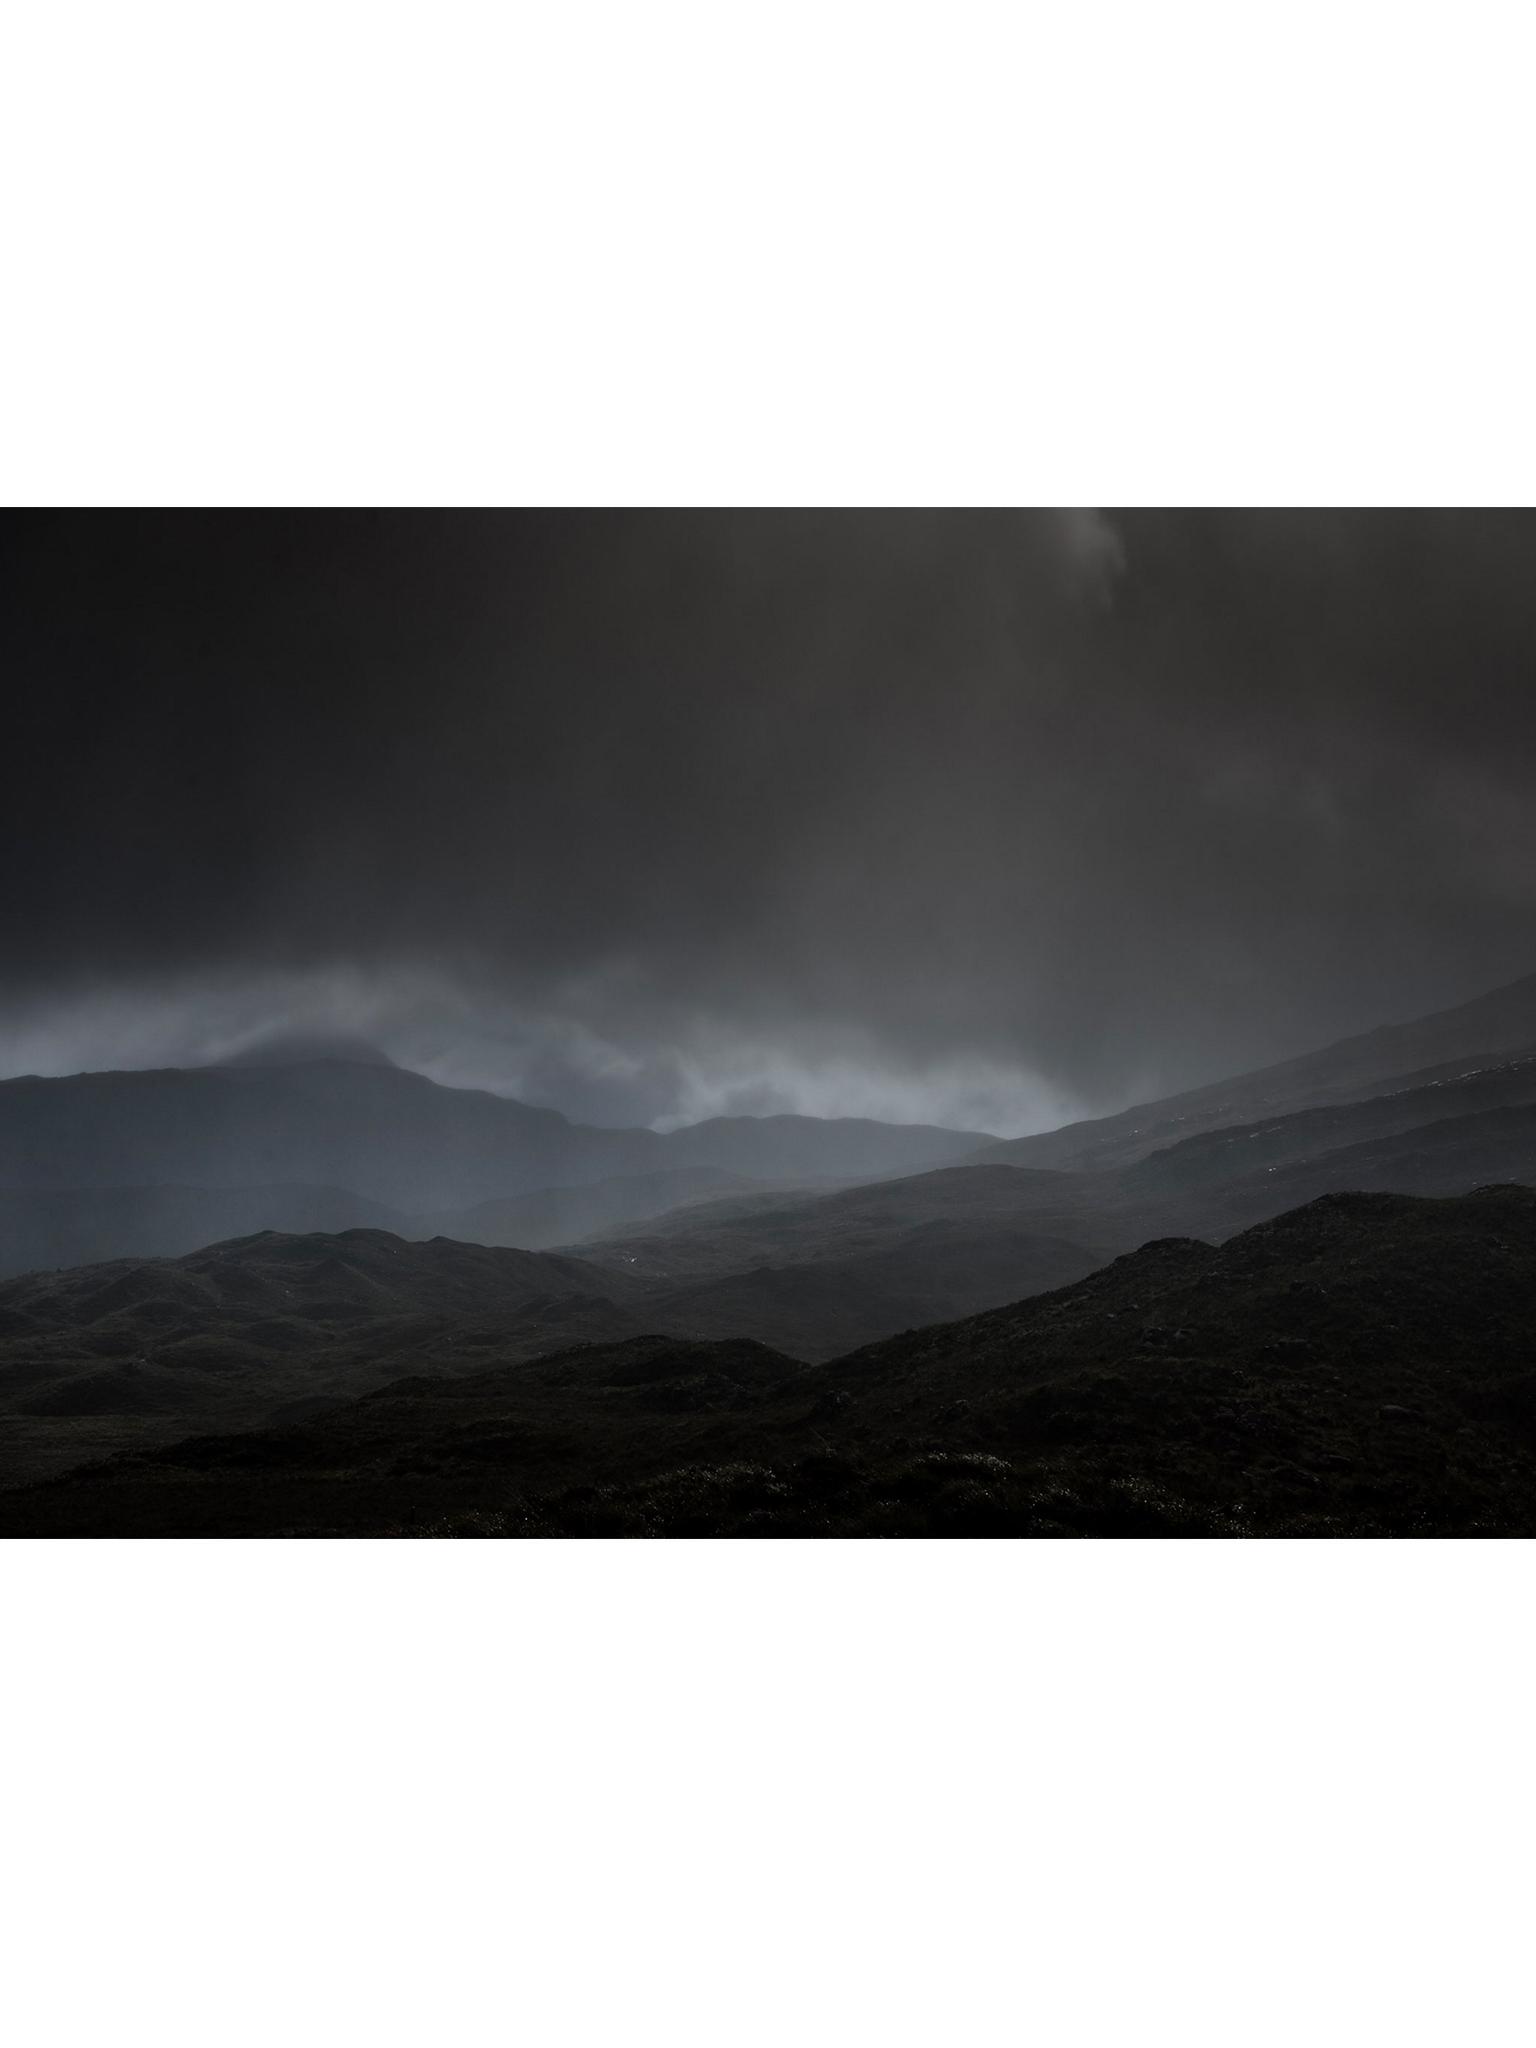 Highlands MSP0011